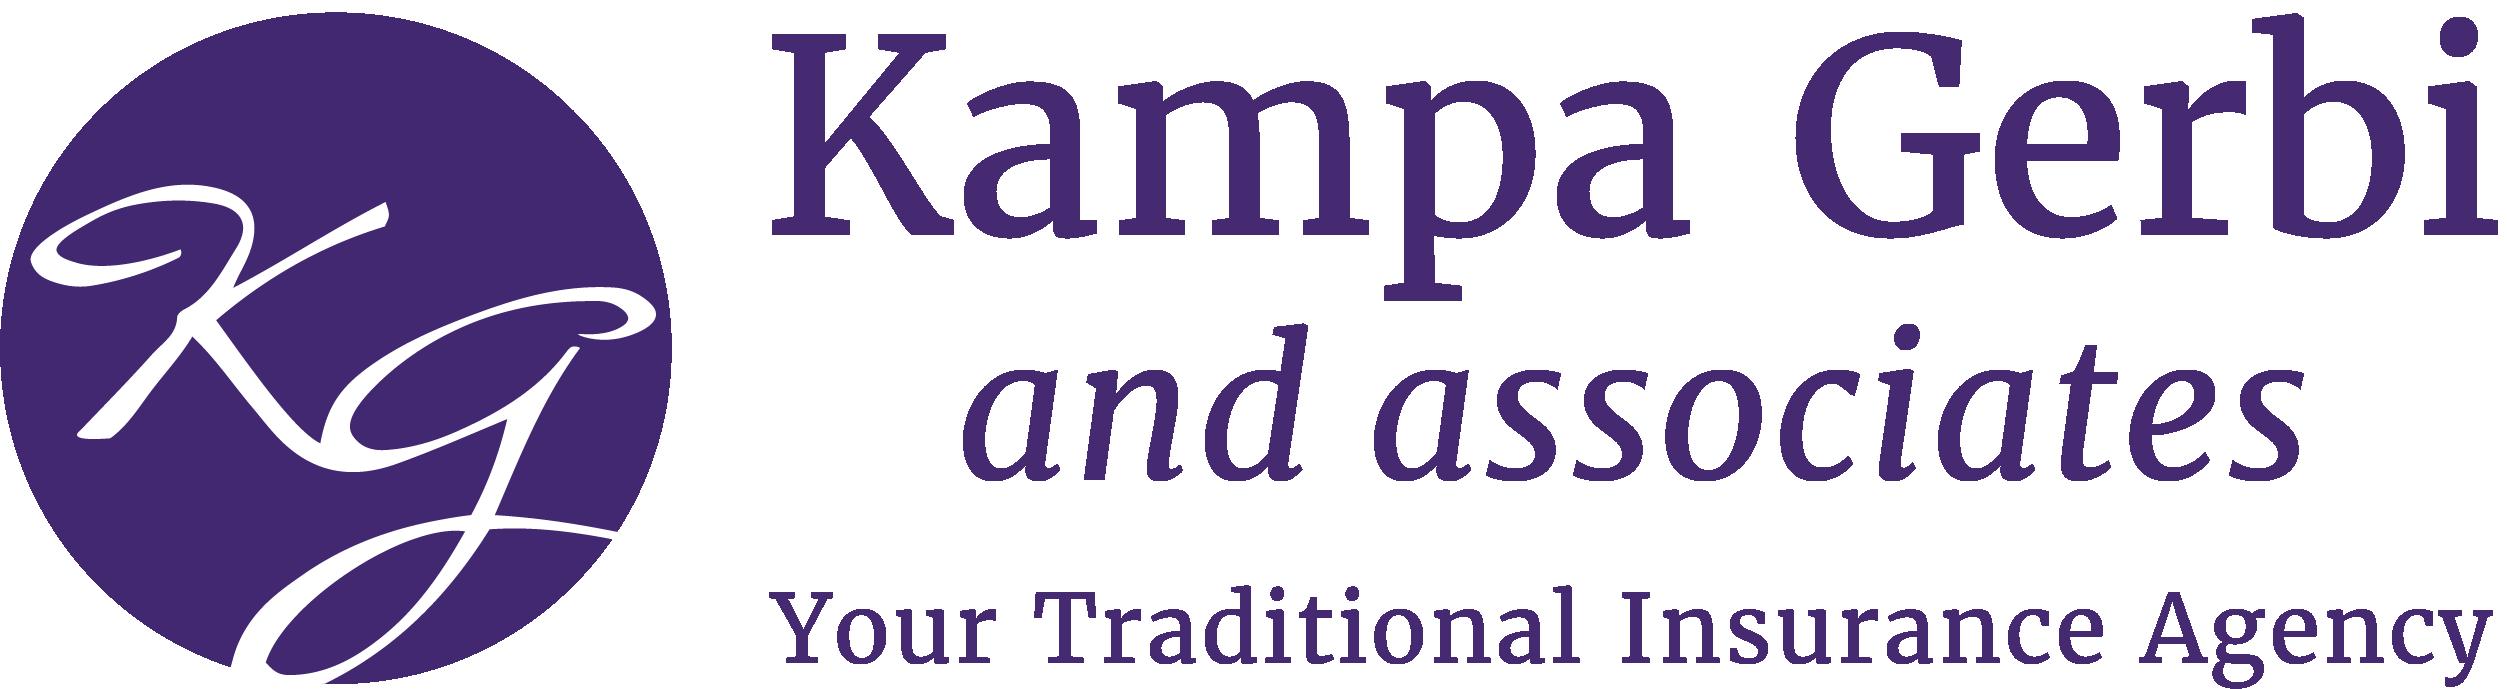 kampa gerbi full color logo